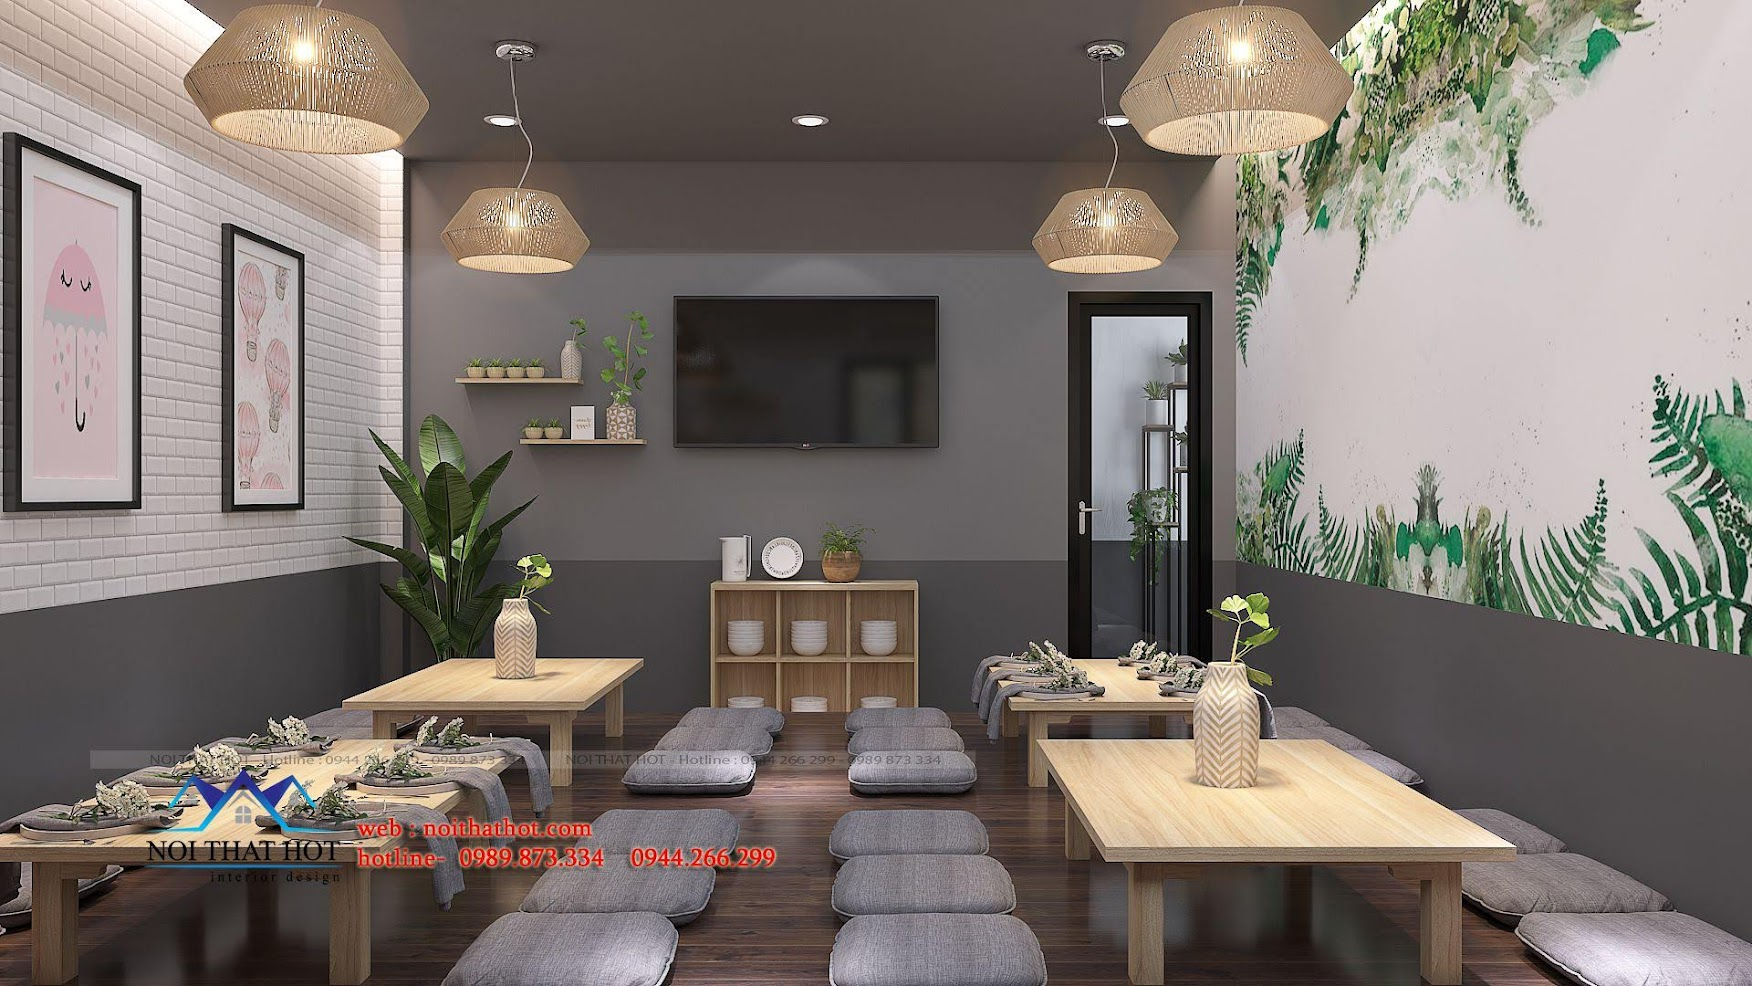 thiết kế nhà hàng trường giang 21